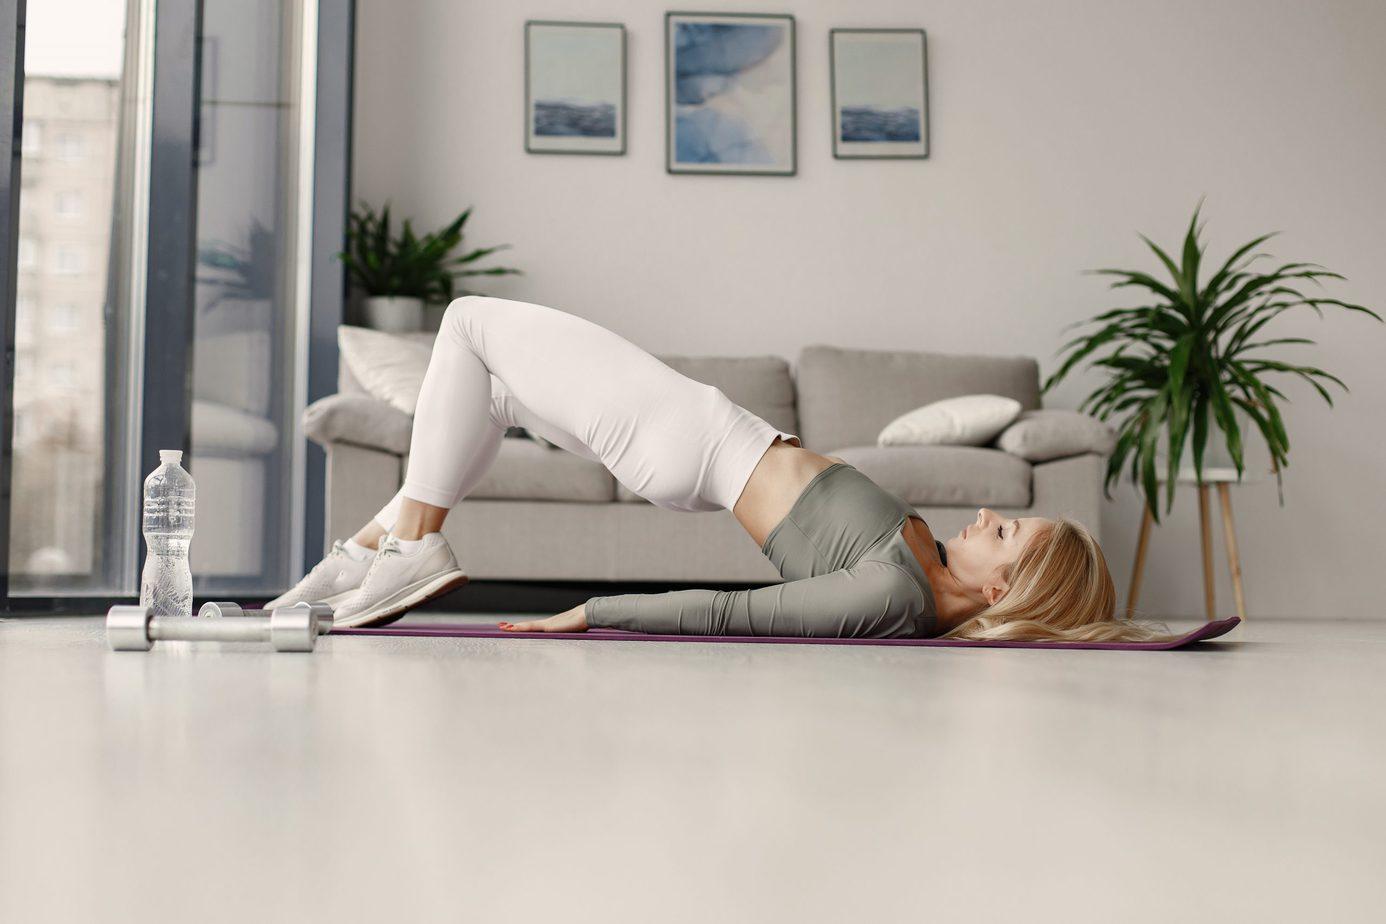 Jakie efekty dają ćwiczenia pilates?